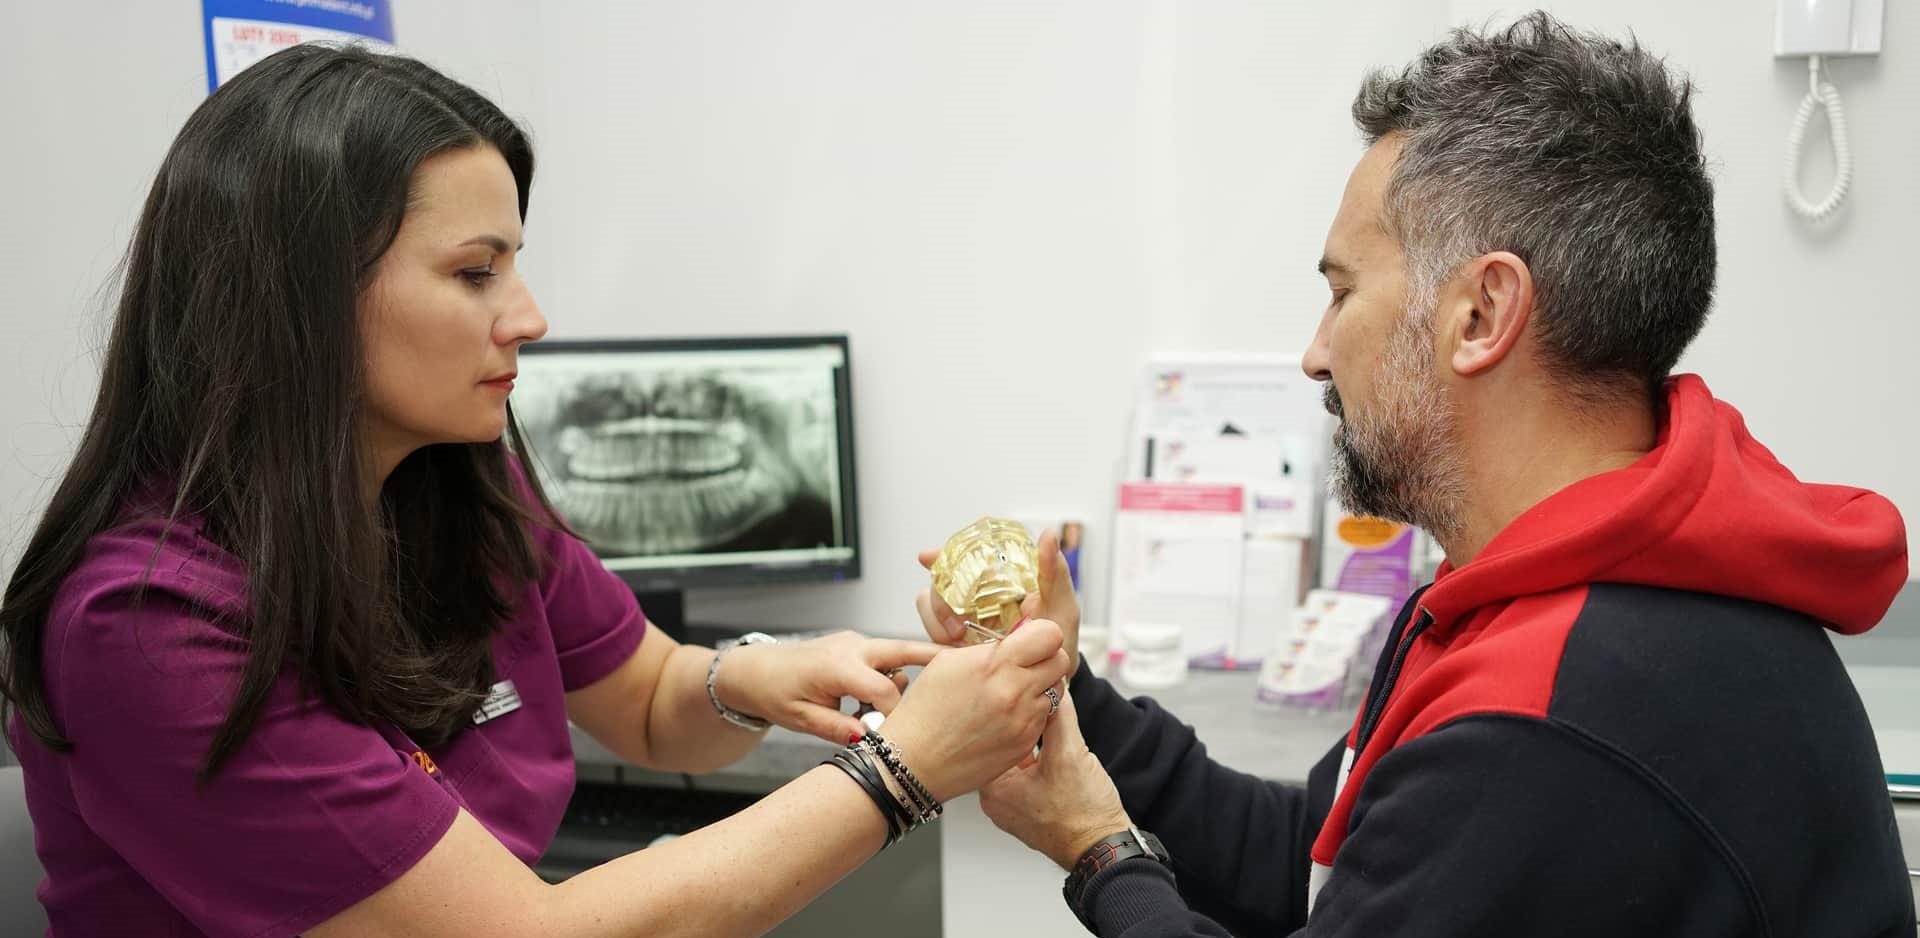 Pierwsza wizyta Konsultacja dentysta Dentico slide3